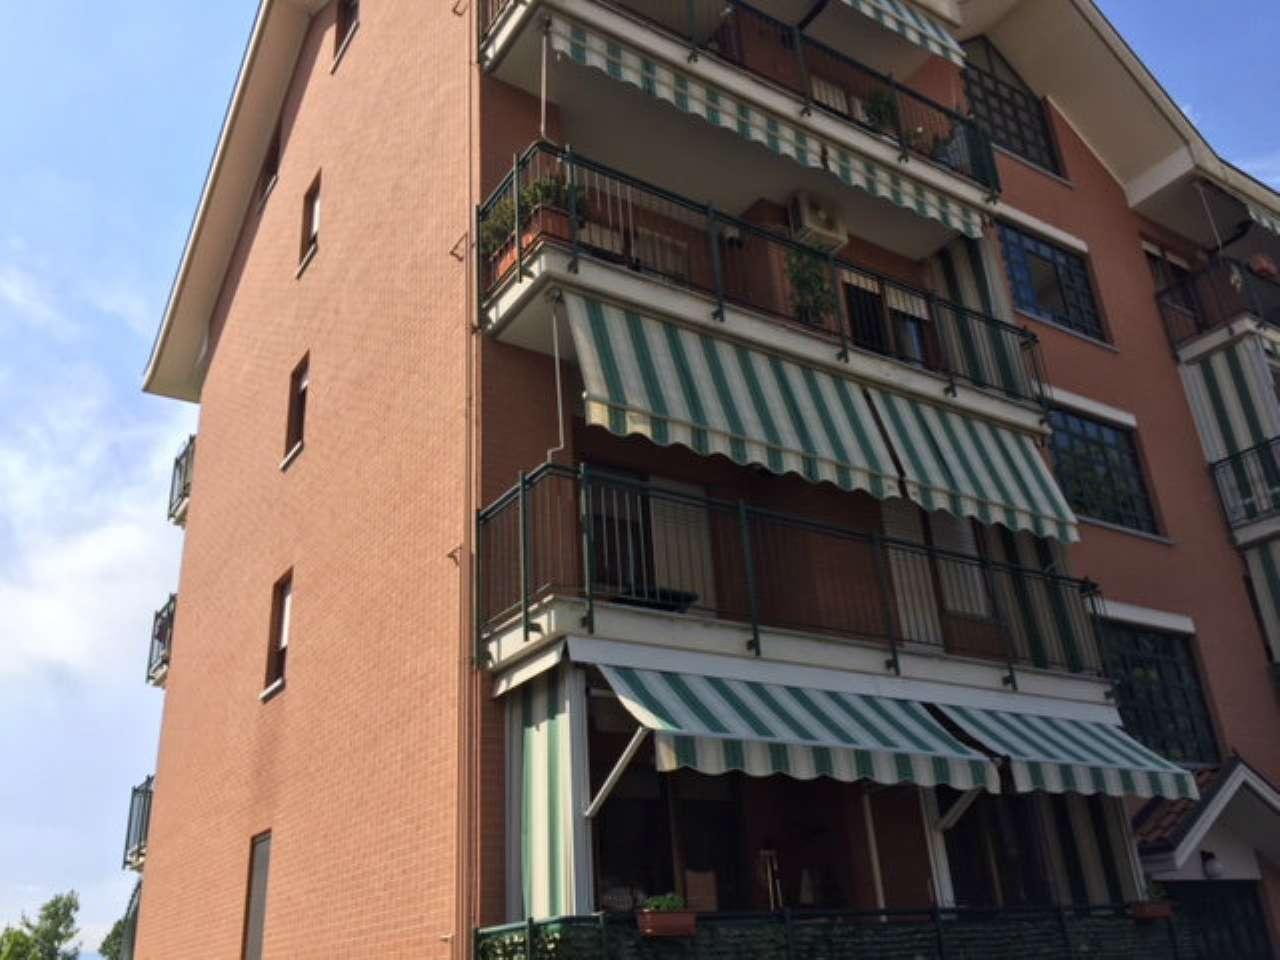 Appartamento in vendita a Settimo Torinese, 5 locali, prezzo € 165.000 | CambioCasa.it